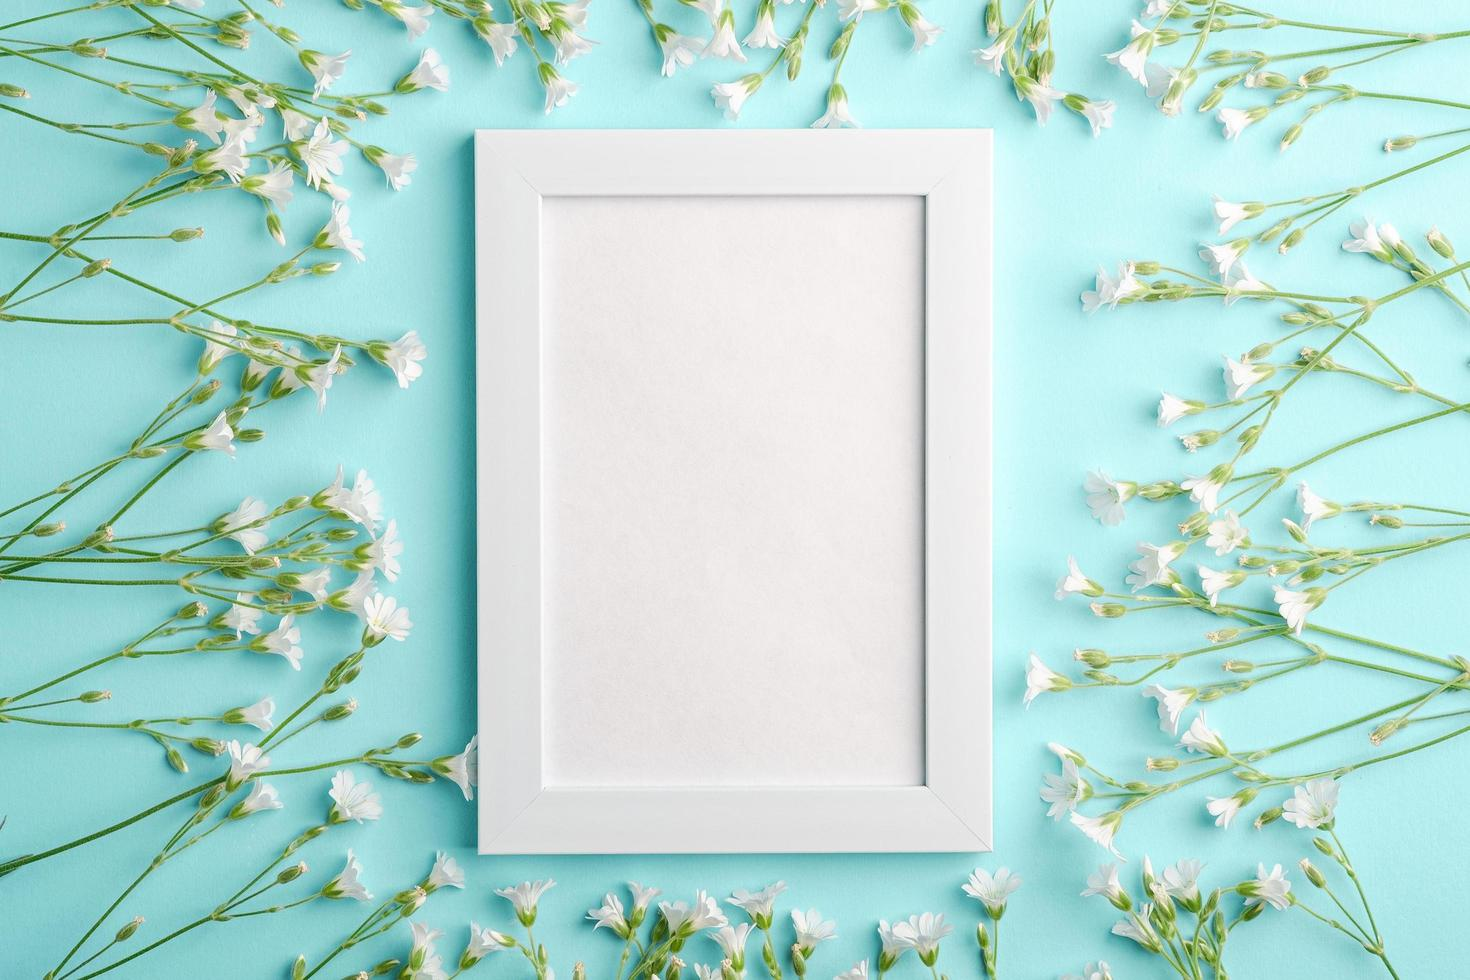 weißes leeres Fotorahmenmodell mit Mausohr-Vogelmiereblumen auf blauem Hintergrund foto